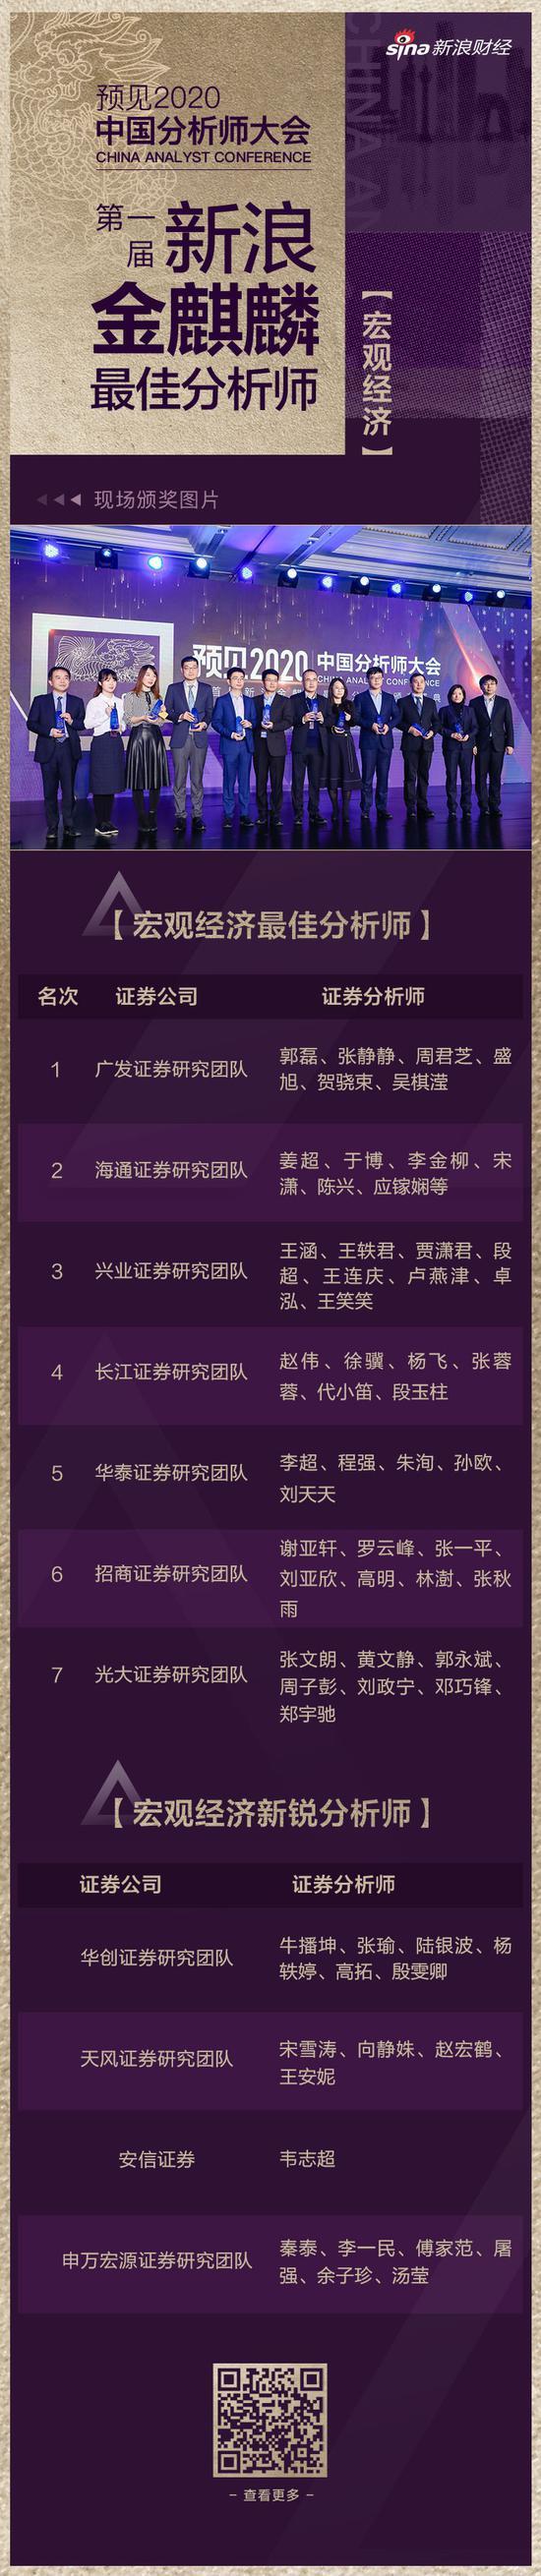 http://www.gyw007.com/nanhaijiaoyu/407887.html